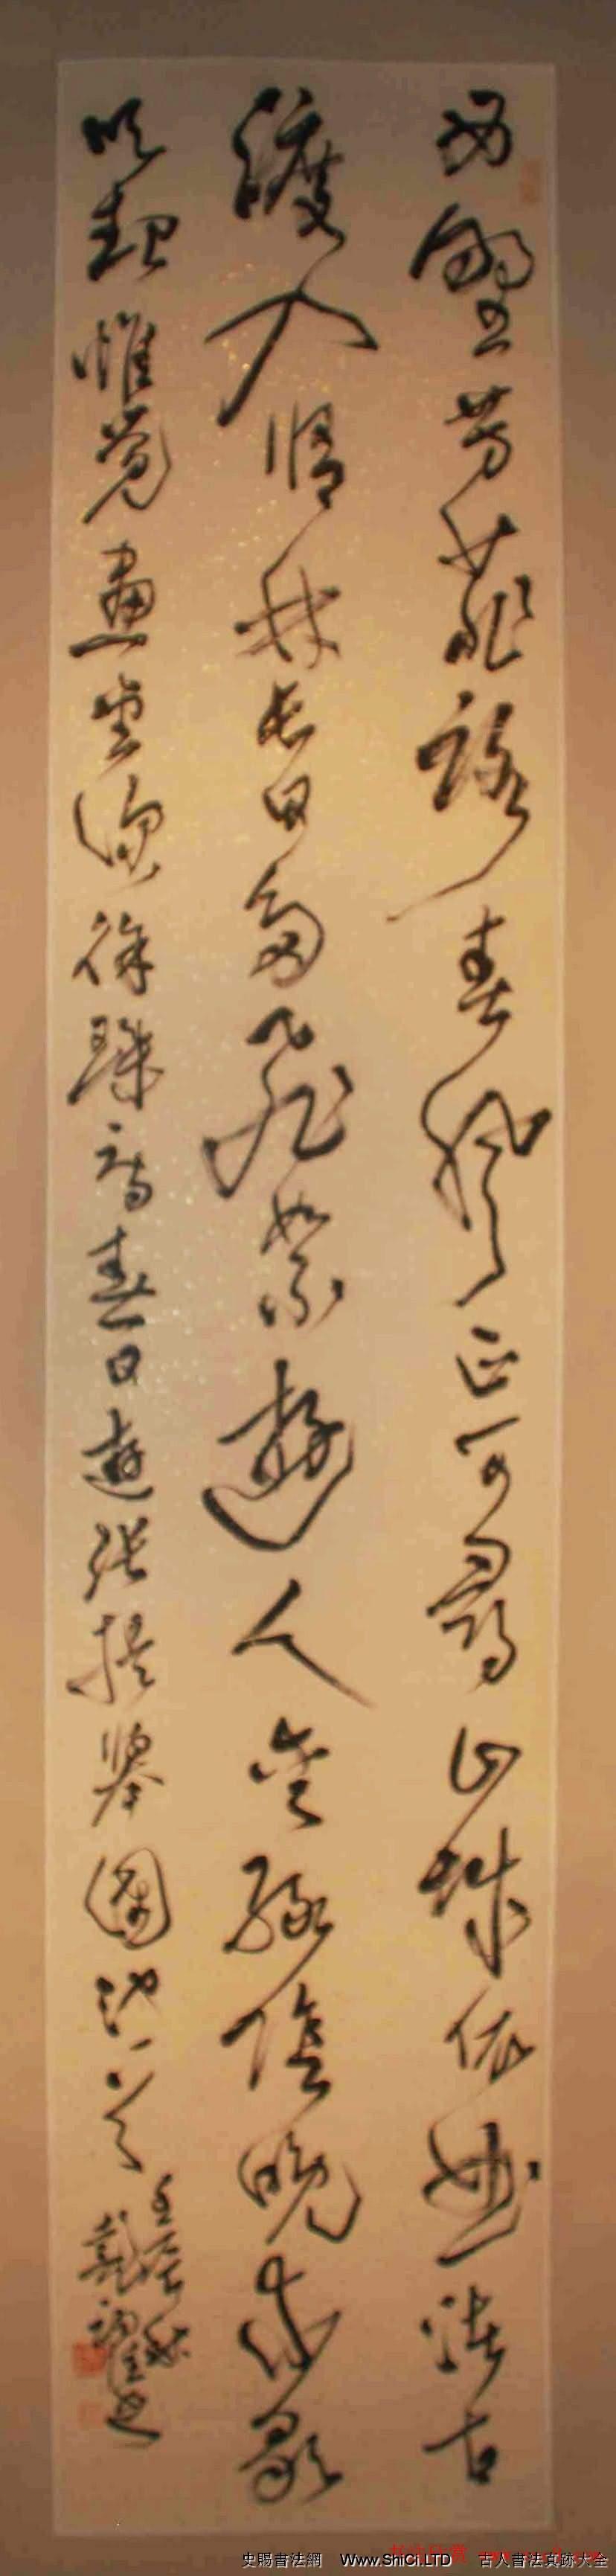 北京平谷中國書法之鄉--全國名家書法精品展